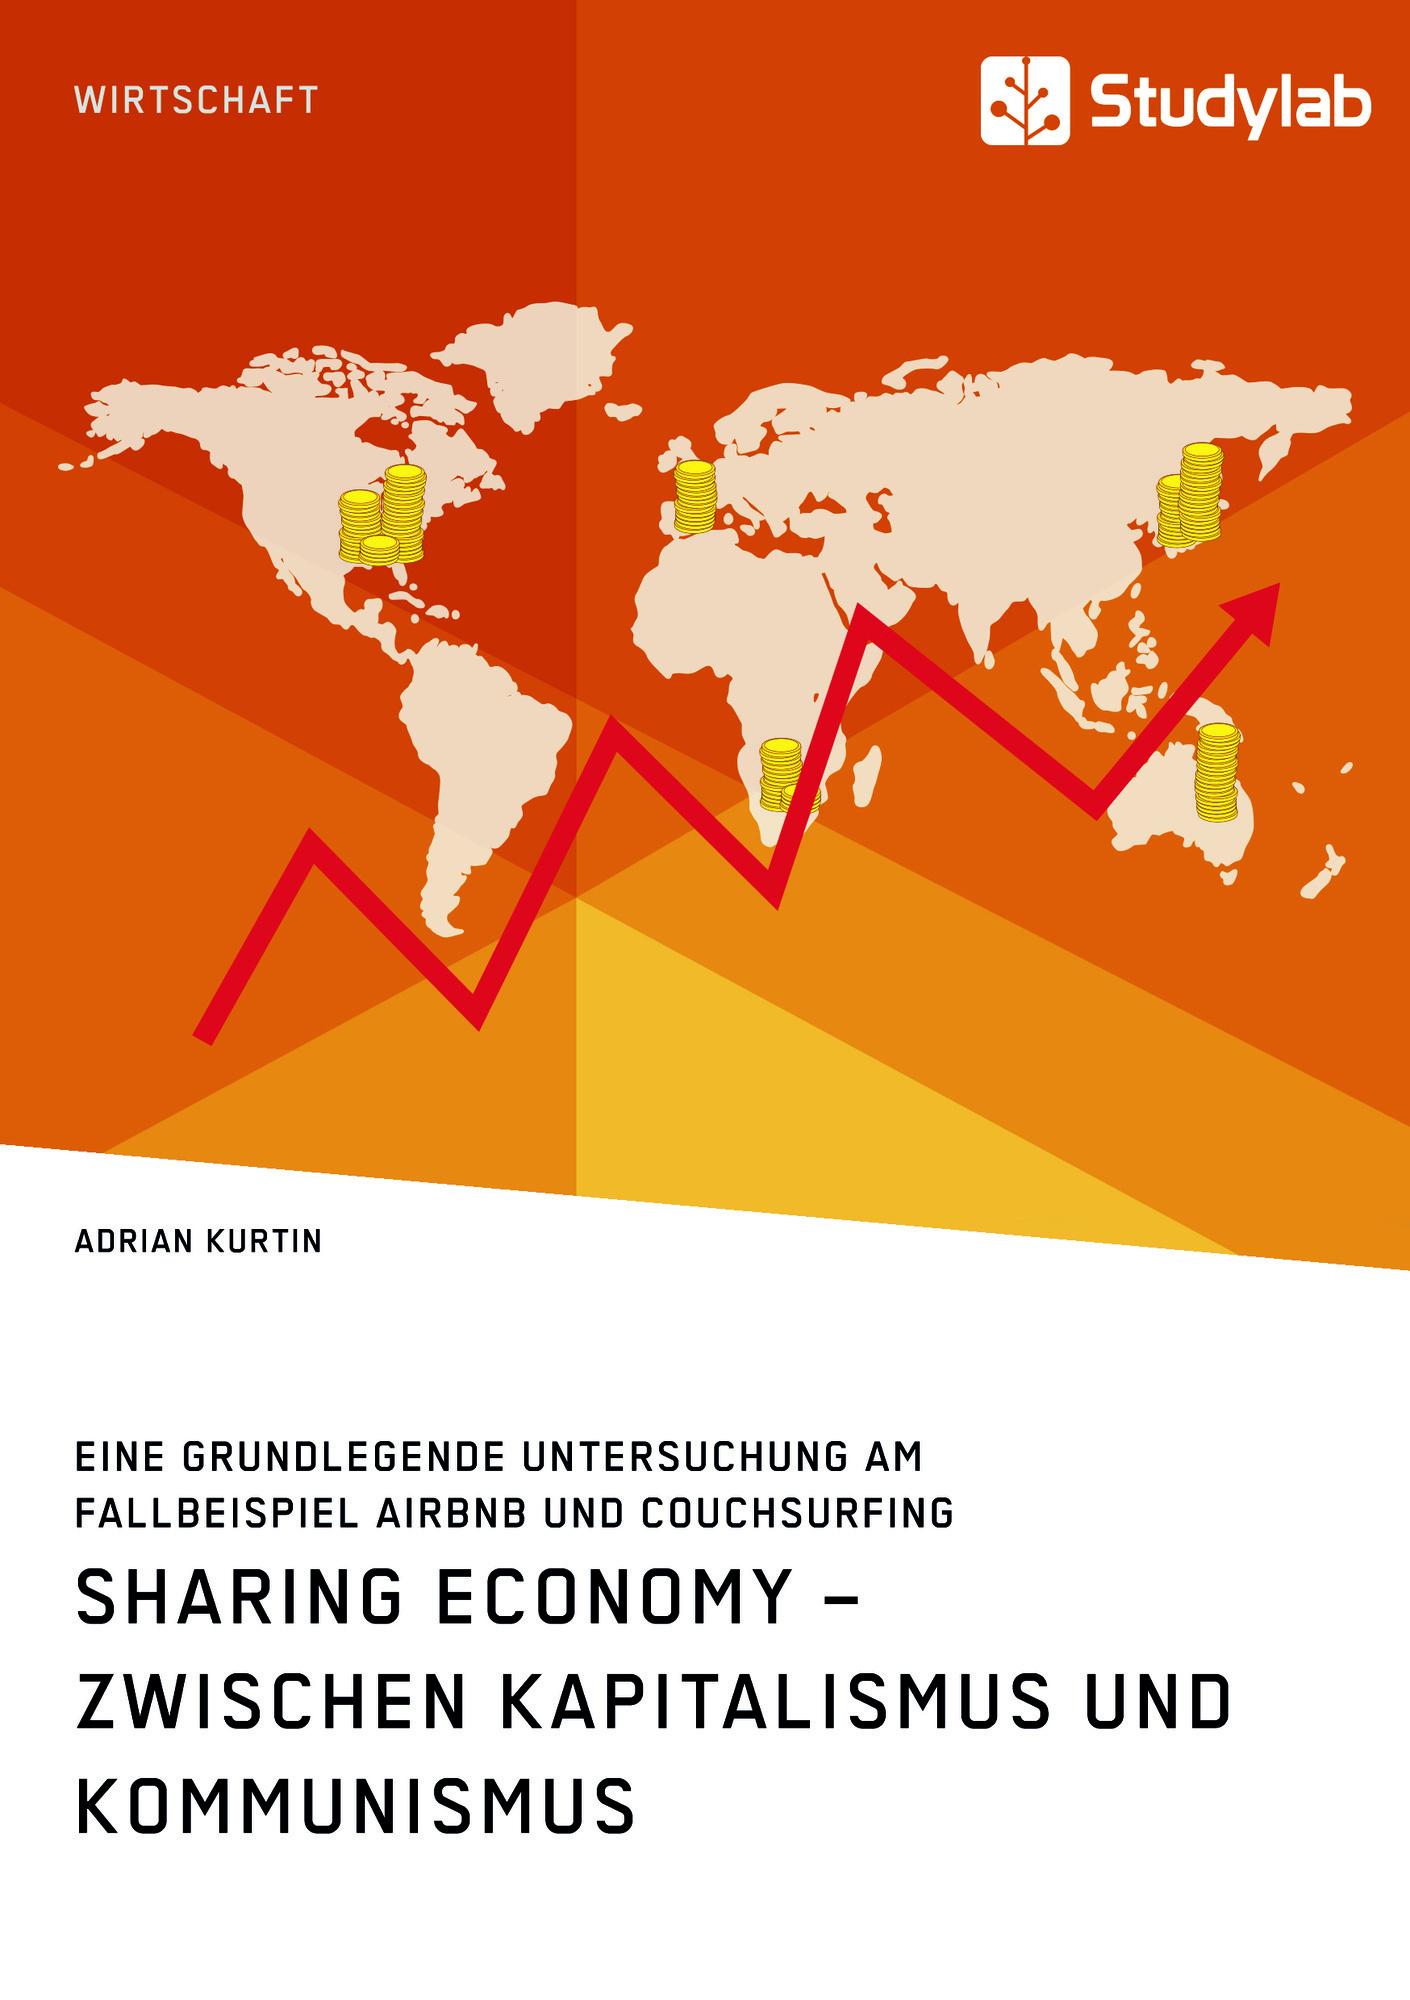 Titel: Sharing Economy – zwischen Kapitalismus und Kommunismus